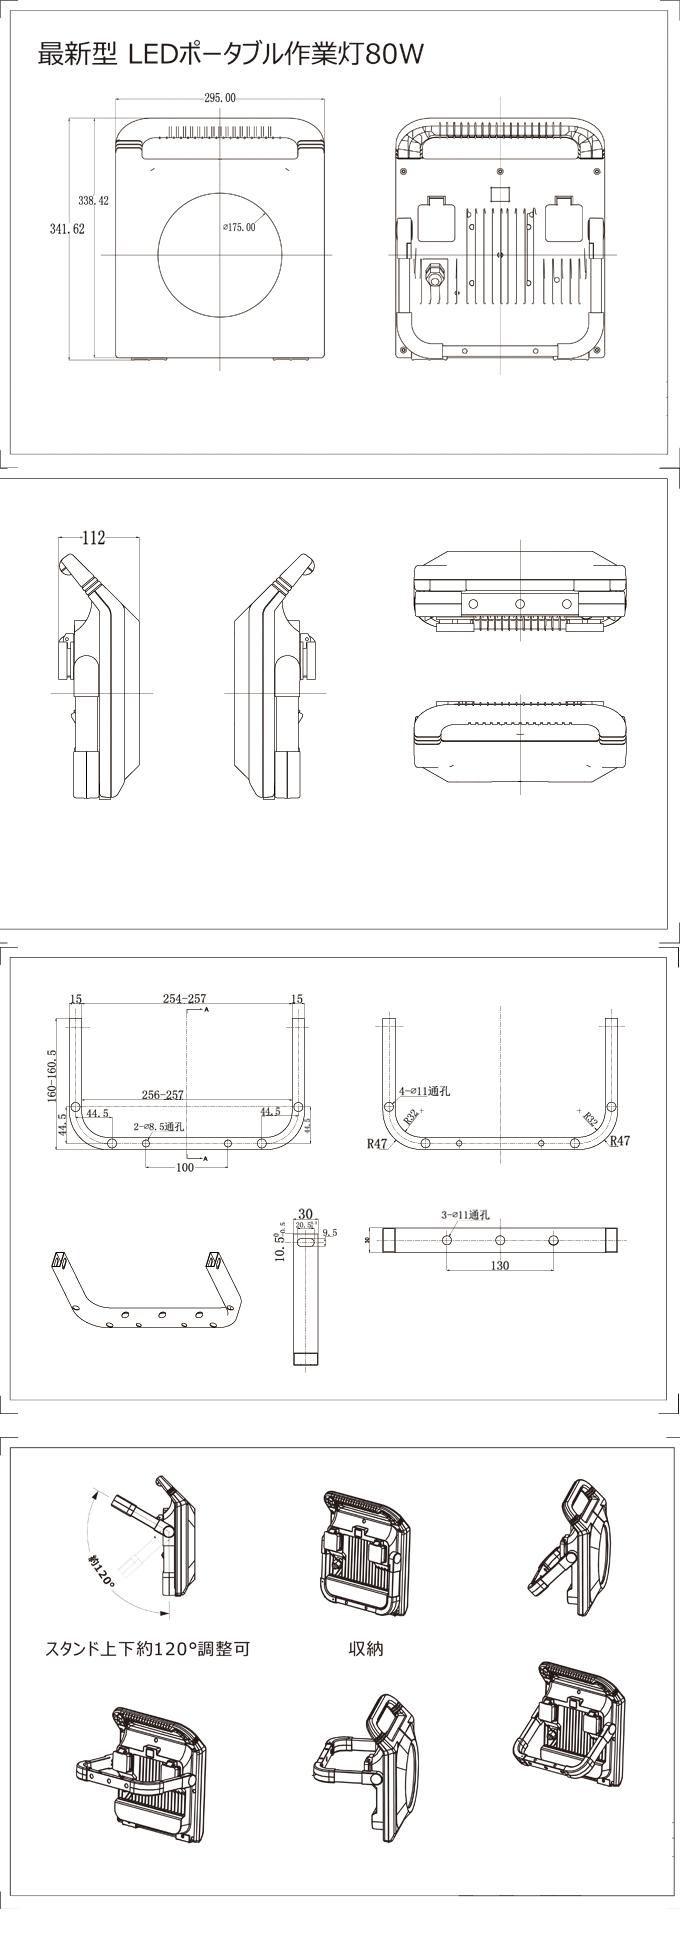 防雨型連結用コンセント二つ付き 防水キャップ付き